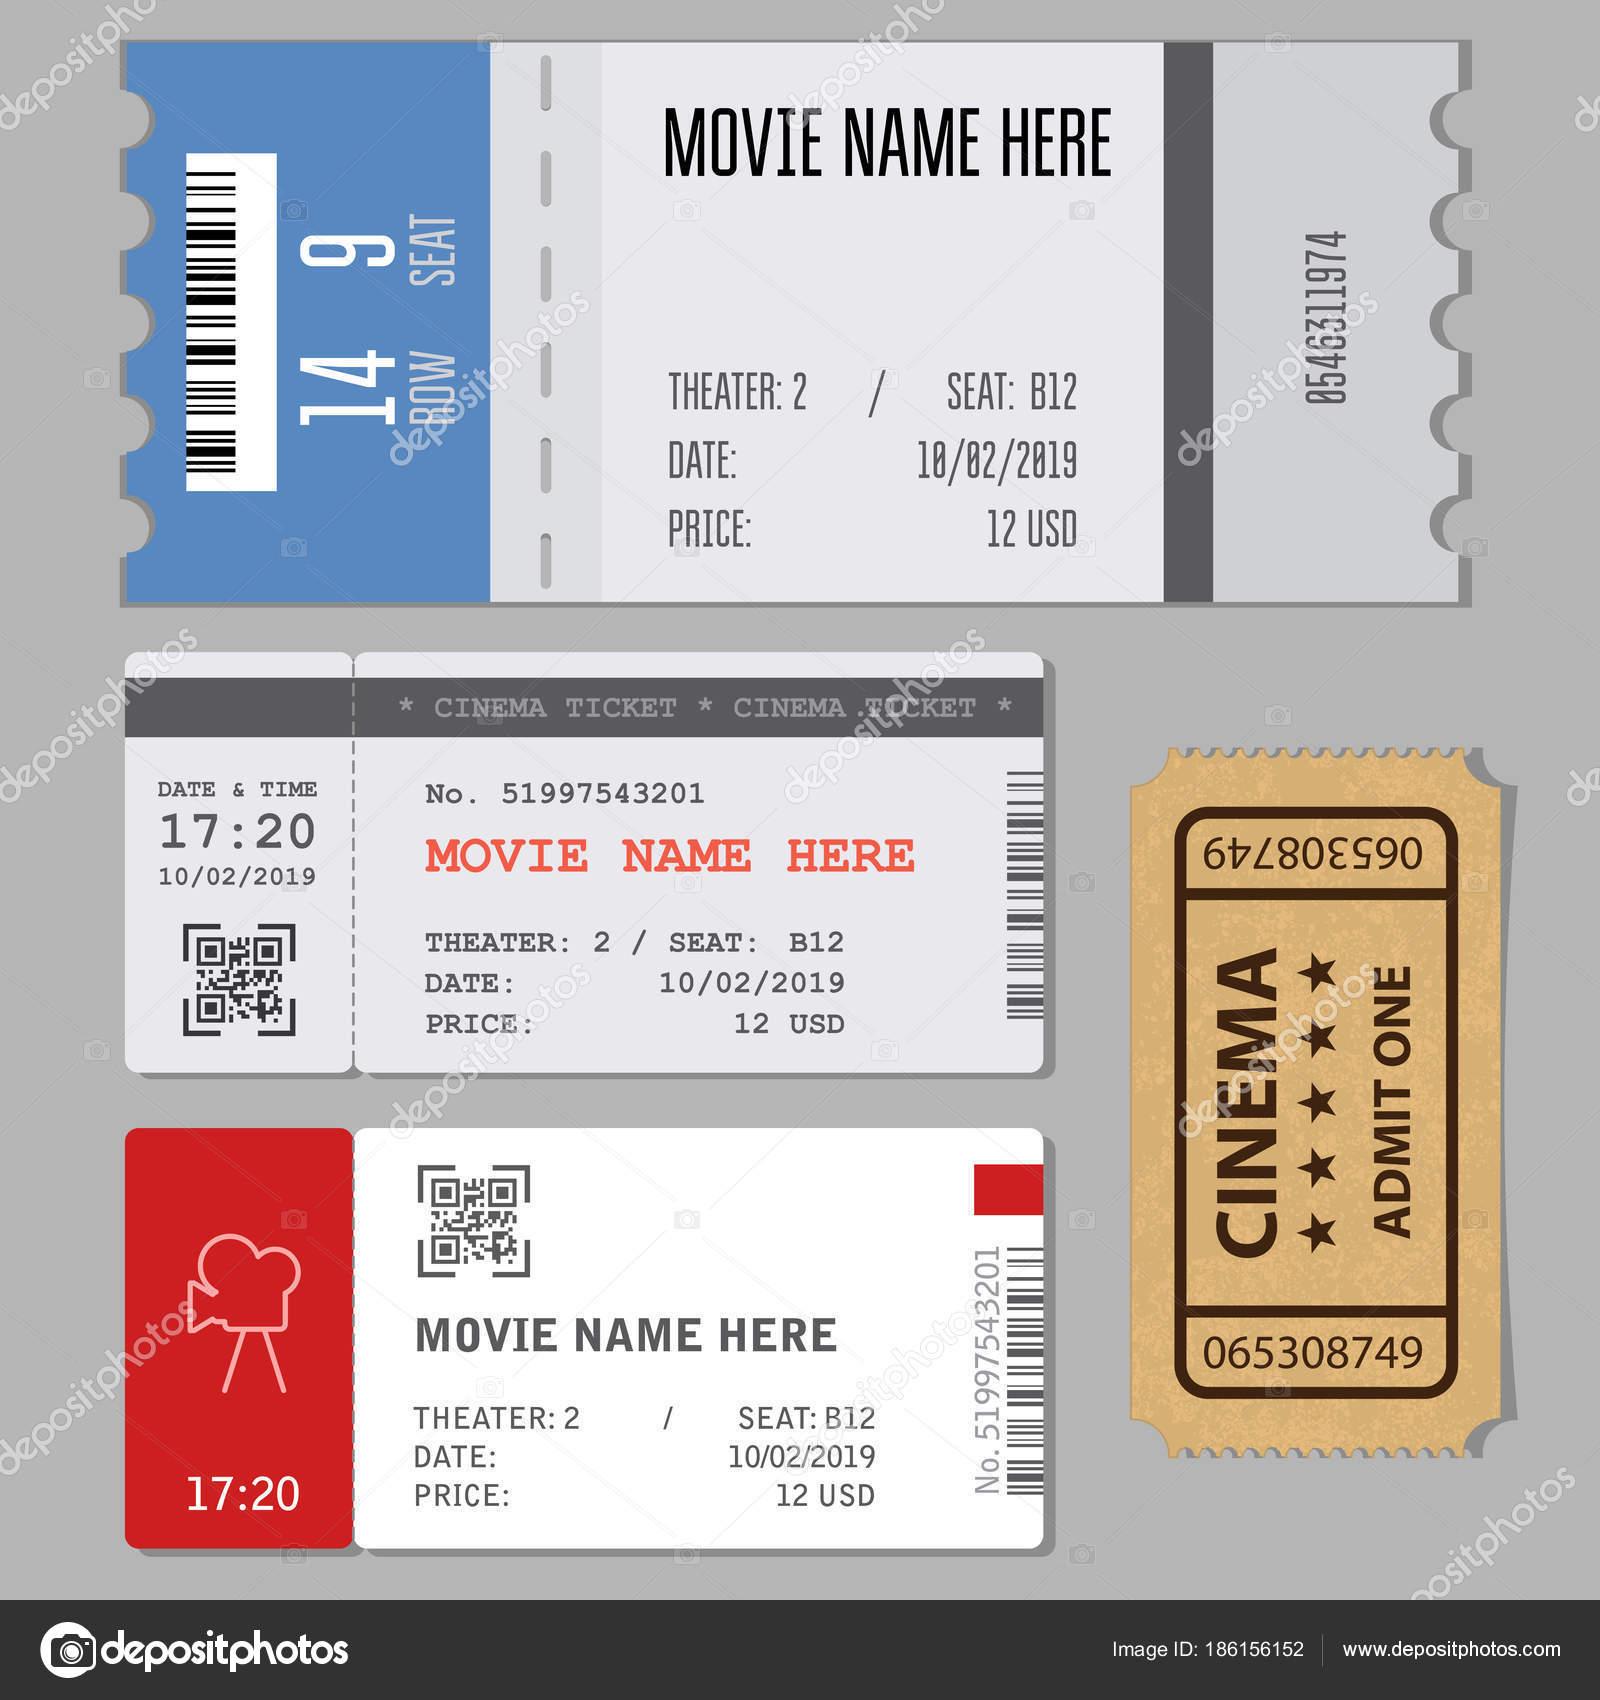 Скачать образец билета на концерт бесплатно театр петра фоменко афиша на сентябрь 2017